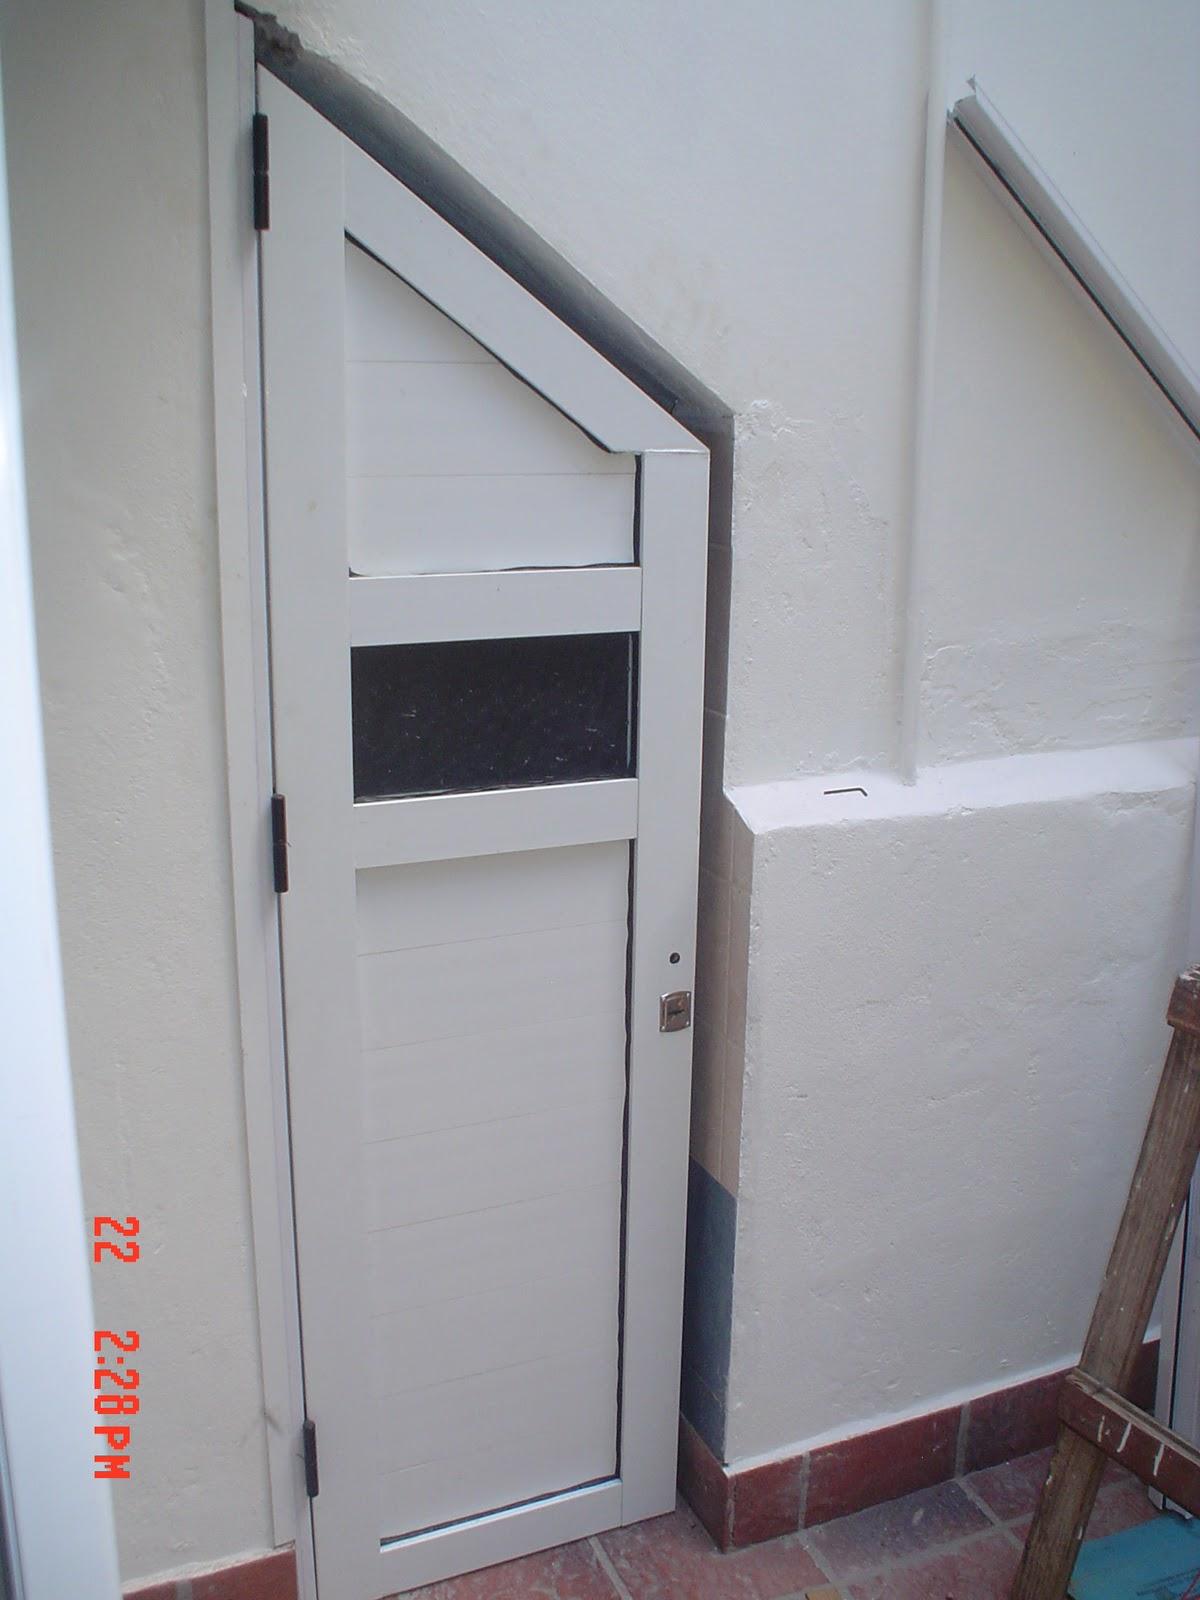 Conval srl facebook conval srl puerta de - Puertas de escalera ...